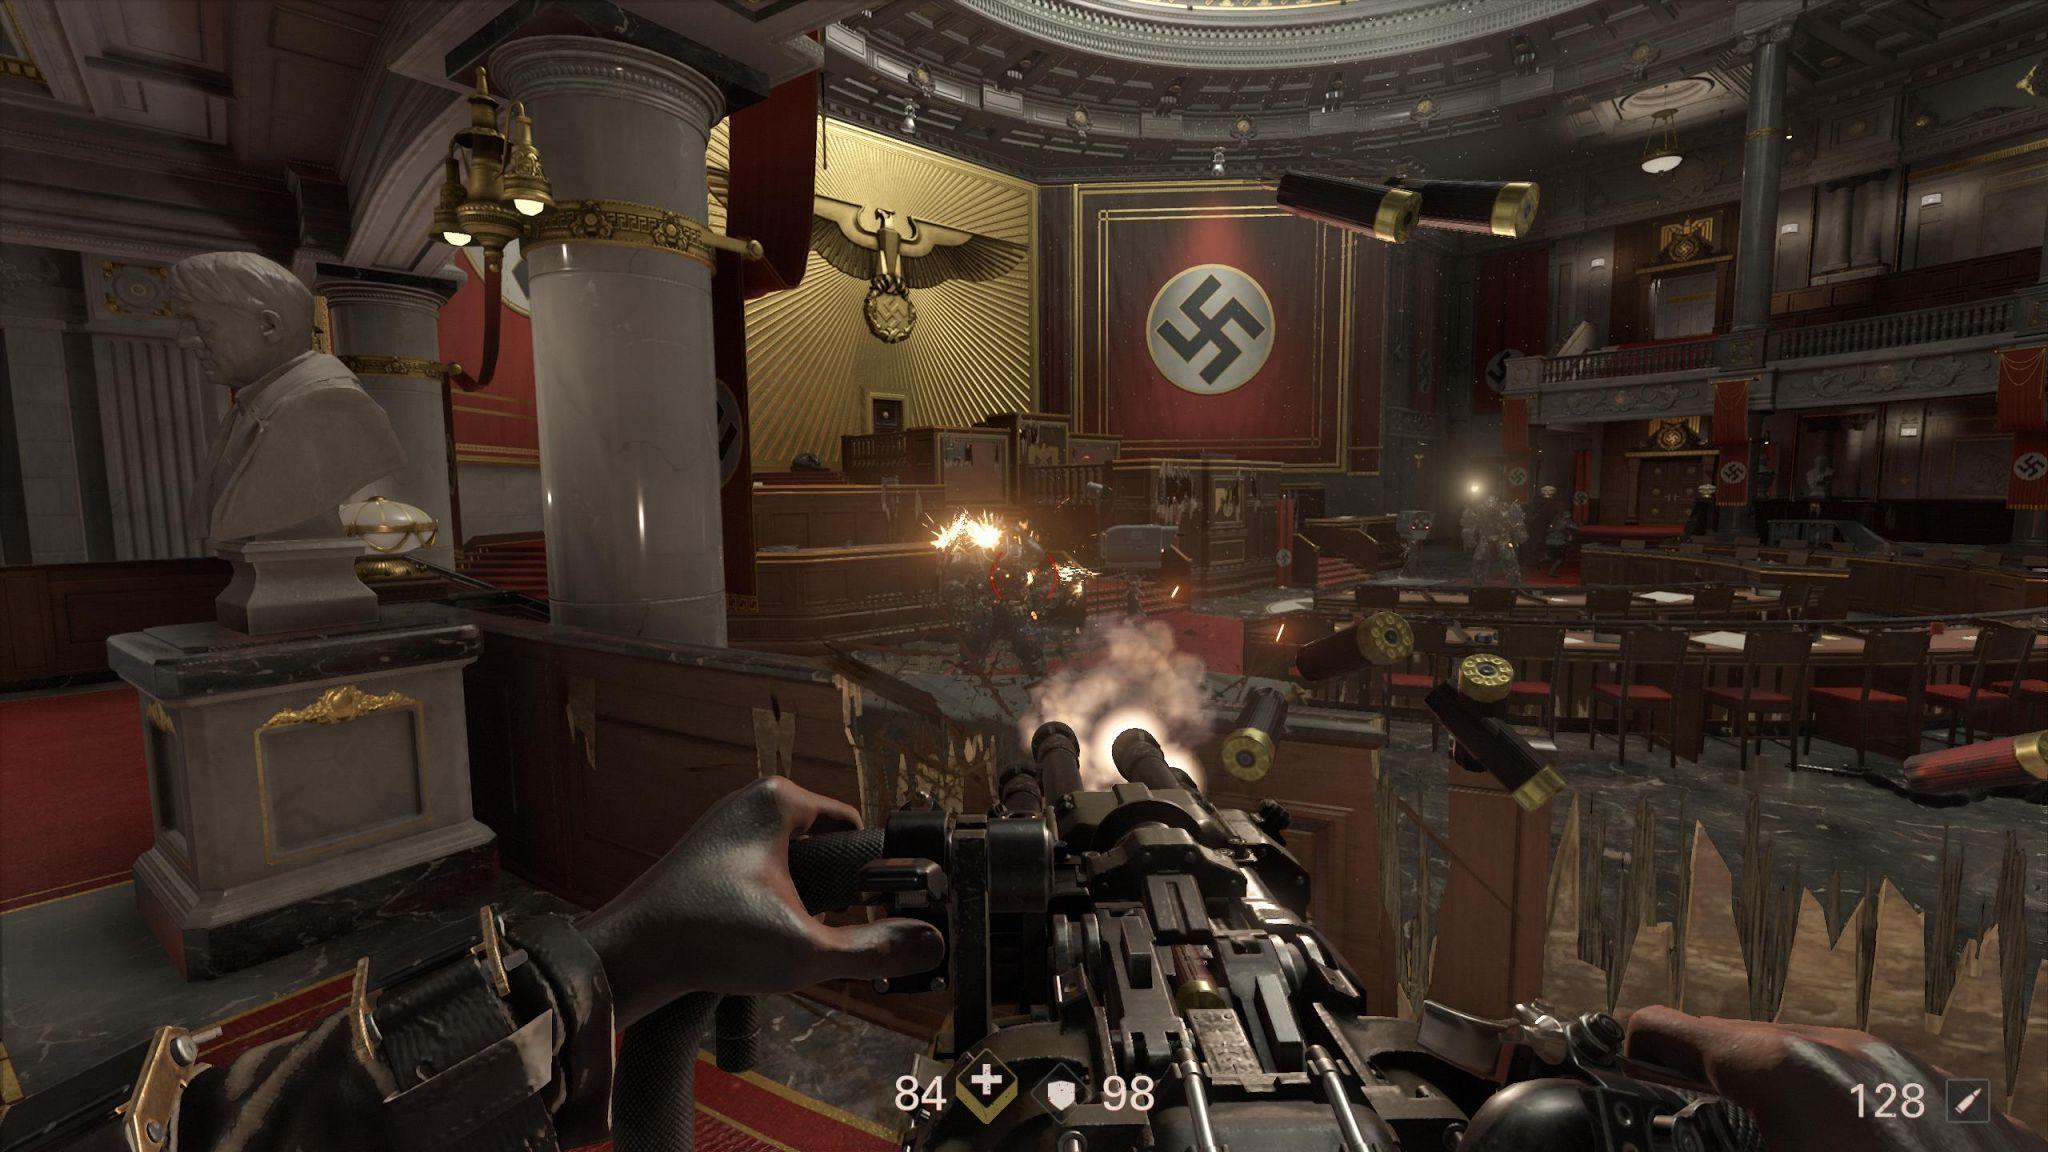 L'Allemagne autorise les symboles nazis dans les jeux vidéo